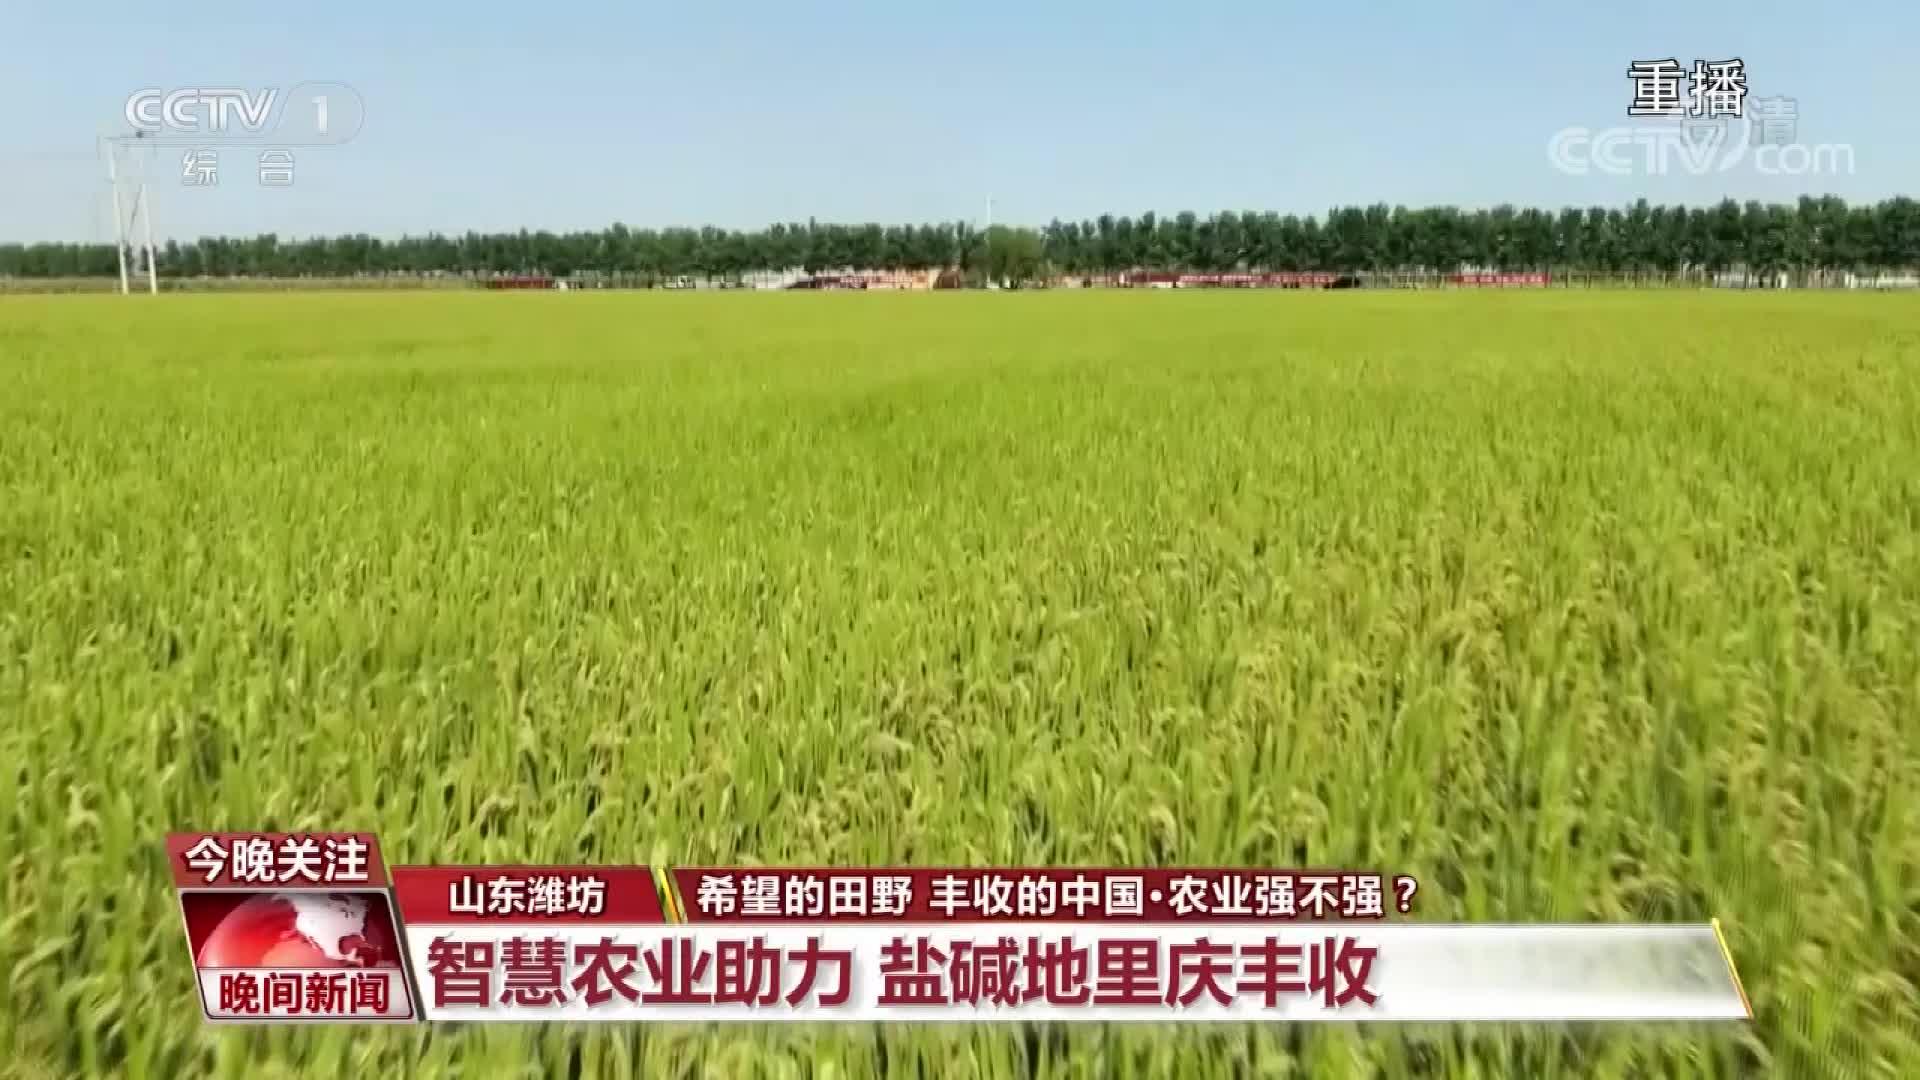 潍坊昌邑丰收盛景登上央视《晚间新闻》